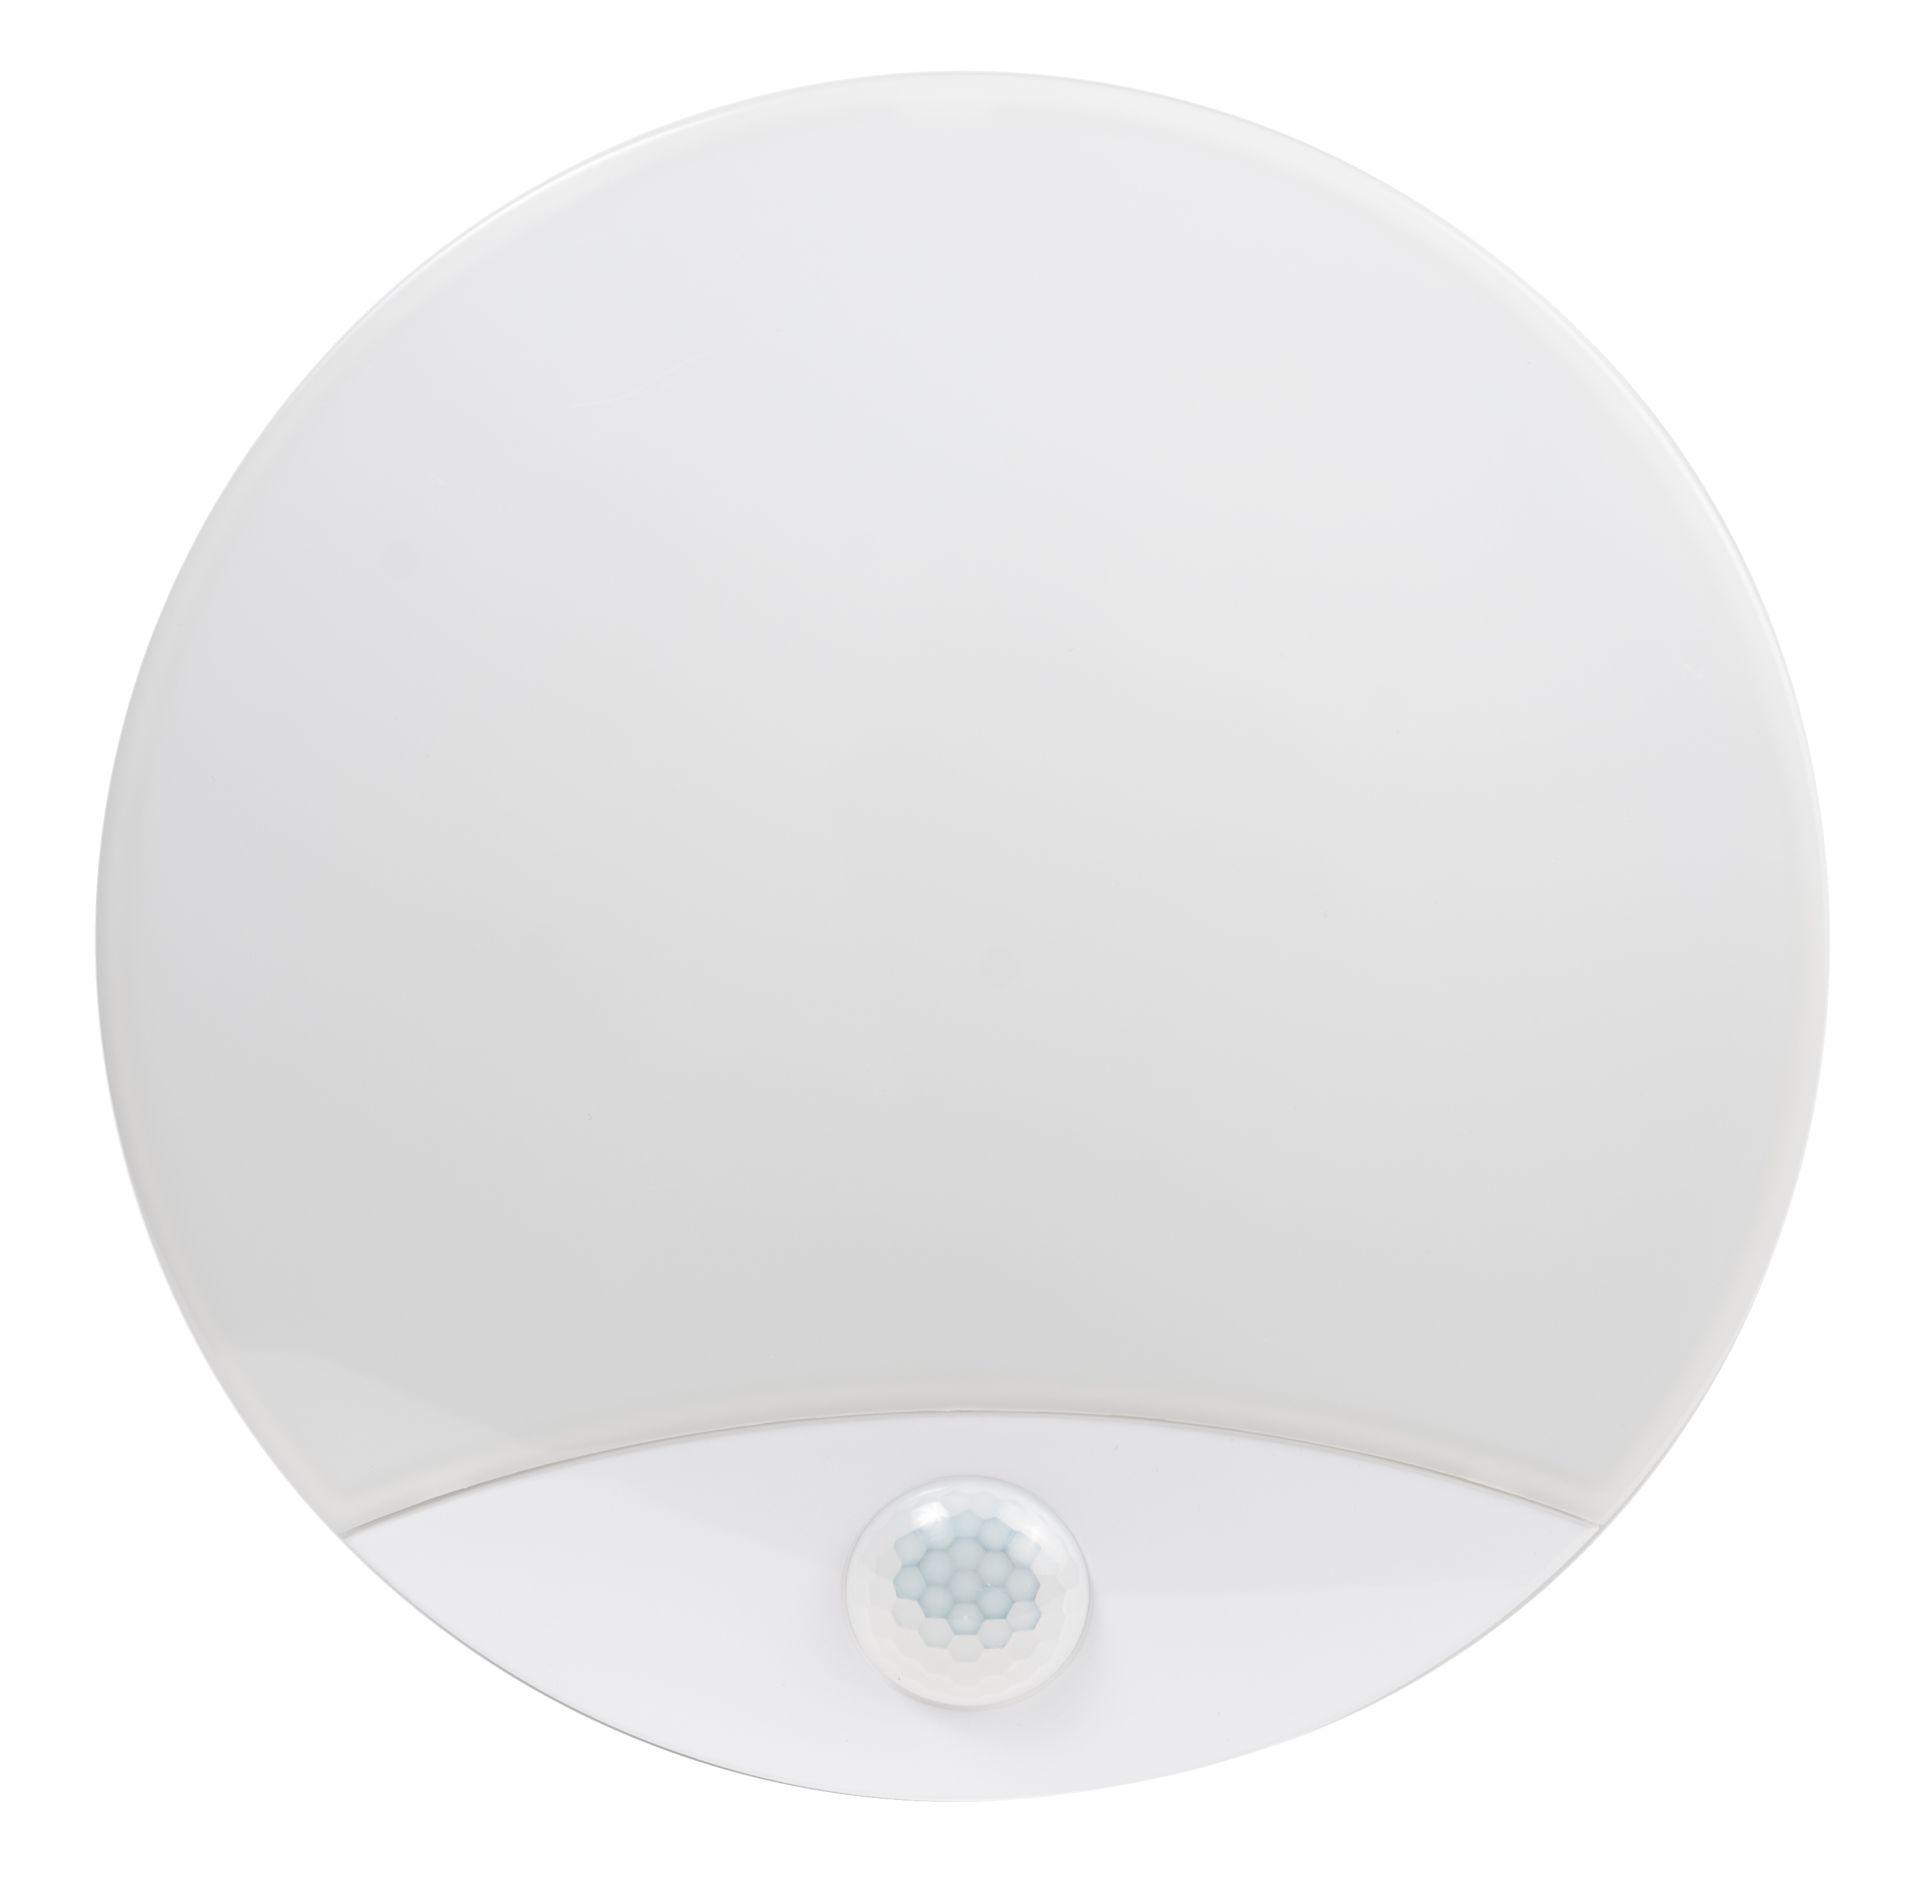 LED Solution LED stropní/nástěnné svítidlo 15W - nouzový modul + PIR čidlo